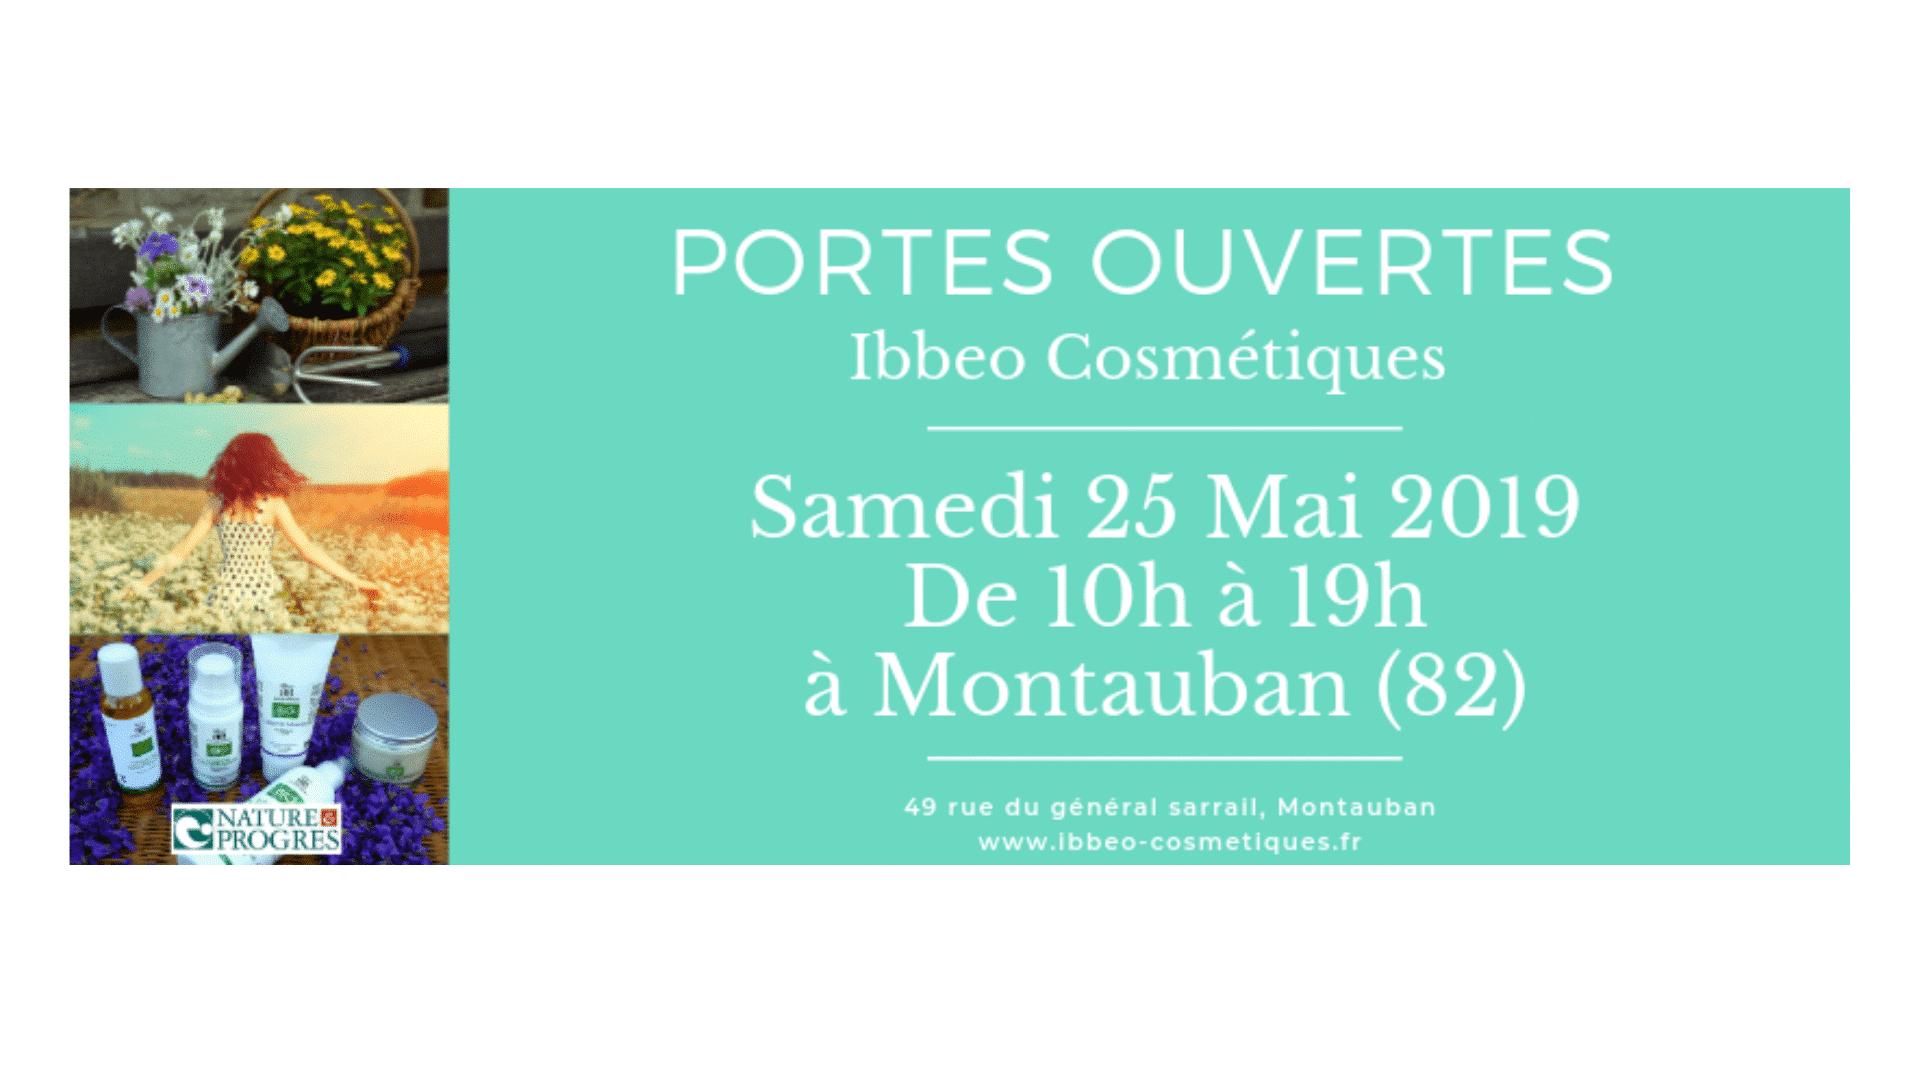 Portes ouvertes 2019 Ibbeo Cosmétiques à Montauban (82)